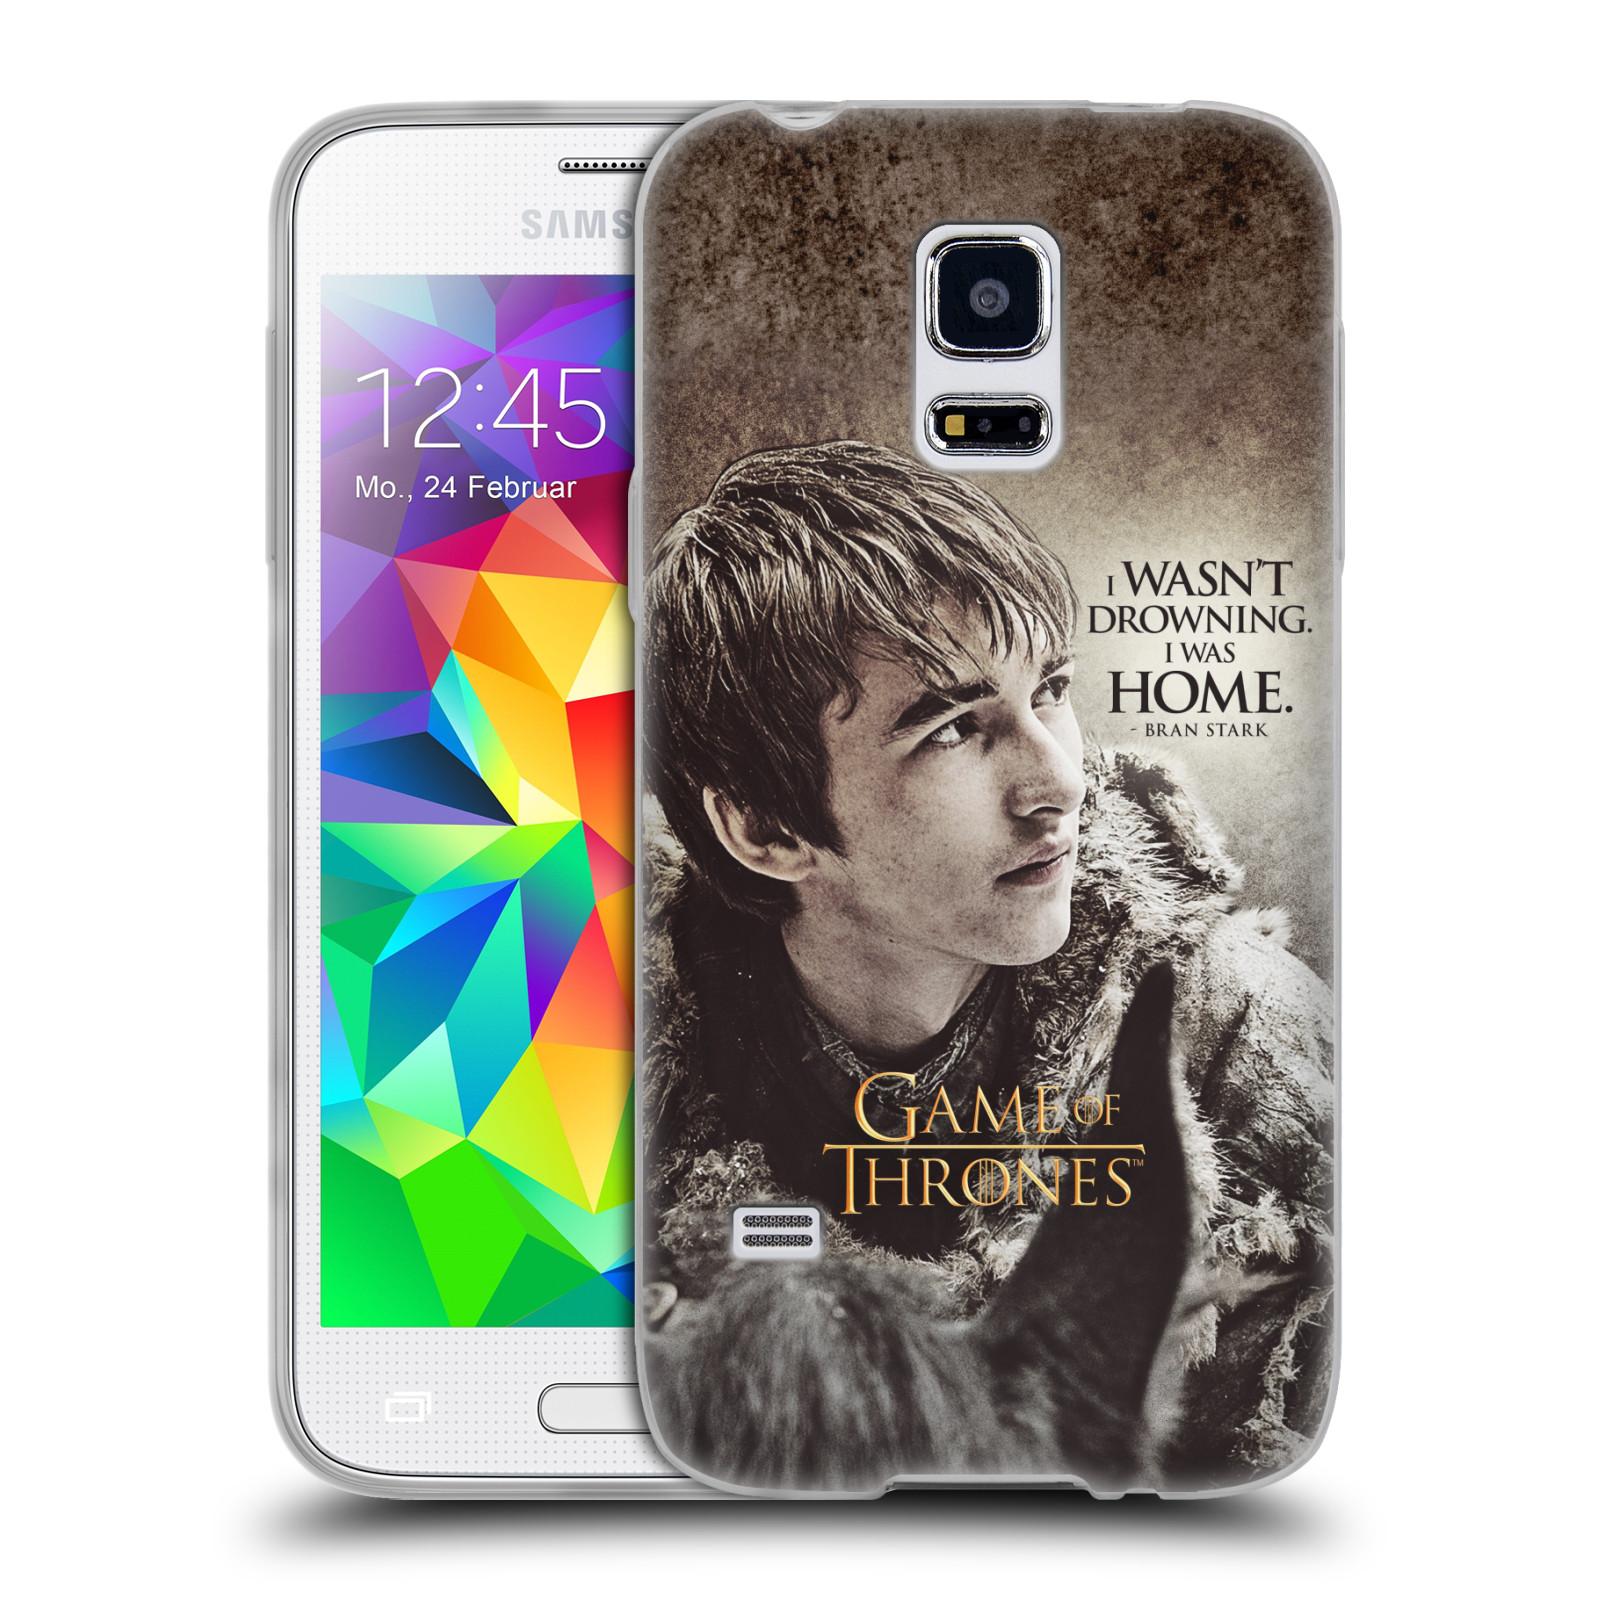 HEAD CASE silikonový obal na mobil Samsung Galaxy S5 MINI oficiální kryt Hra o trůny Bran Stark